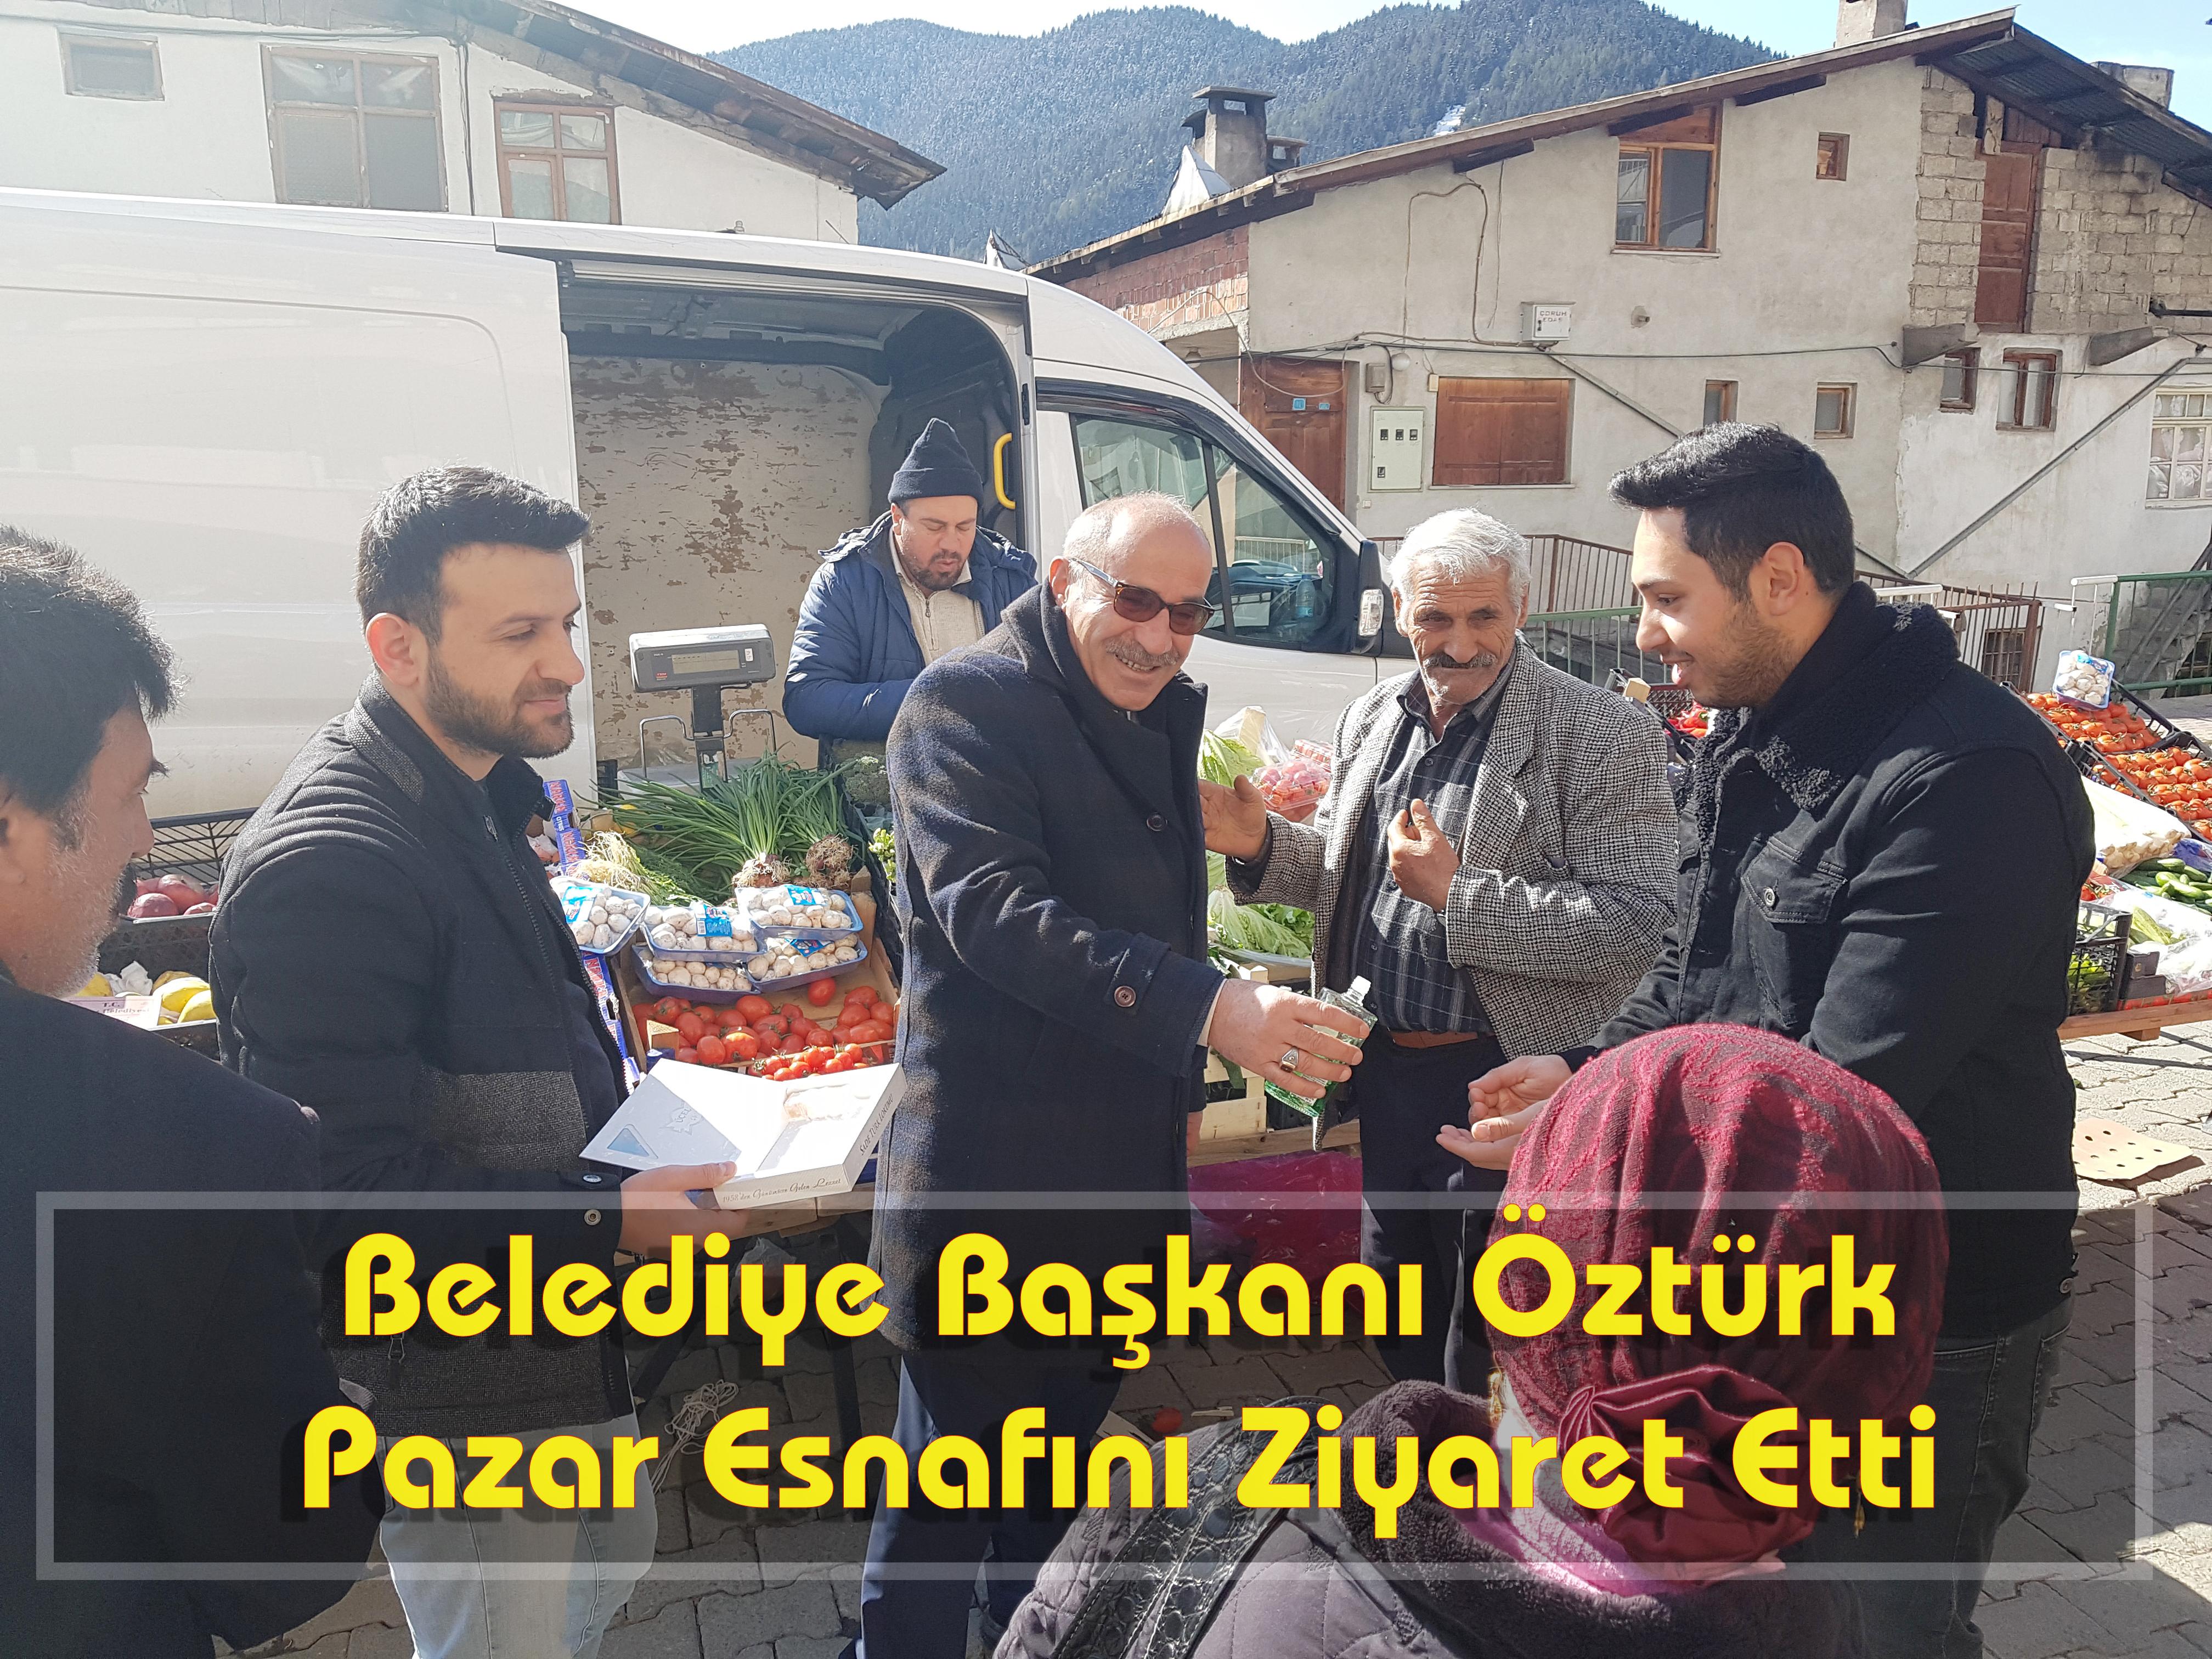 Belediye Başkanı Öztürk Pazar Esnafını Ziyaret Etti